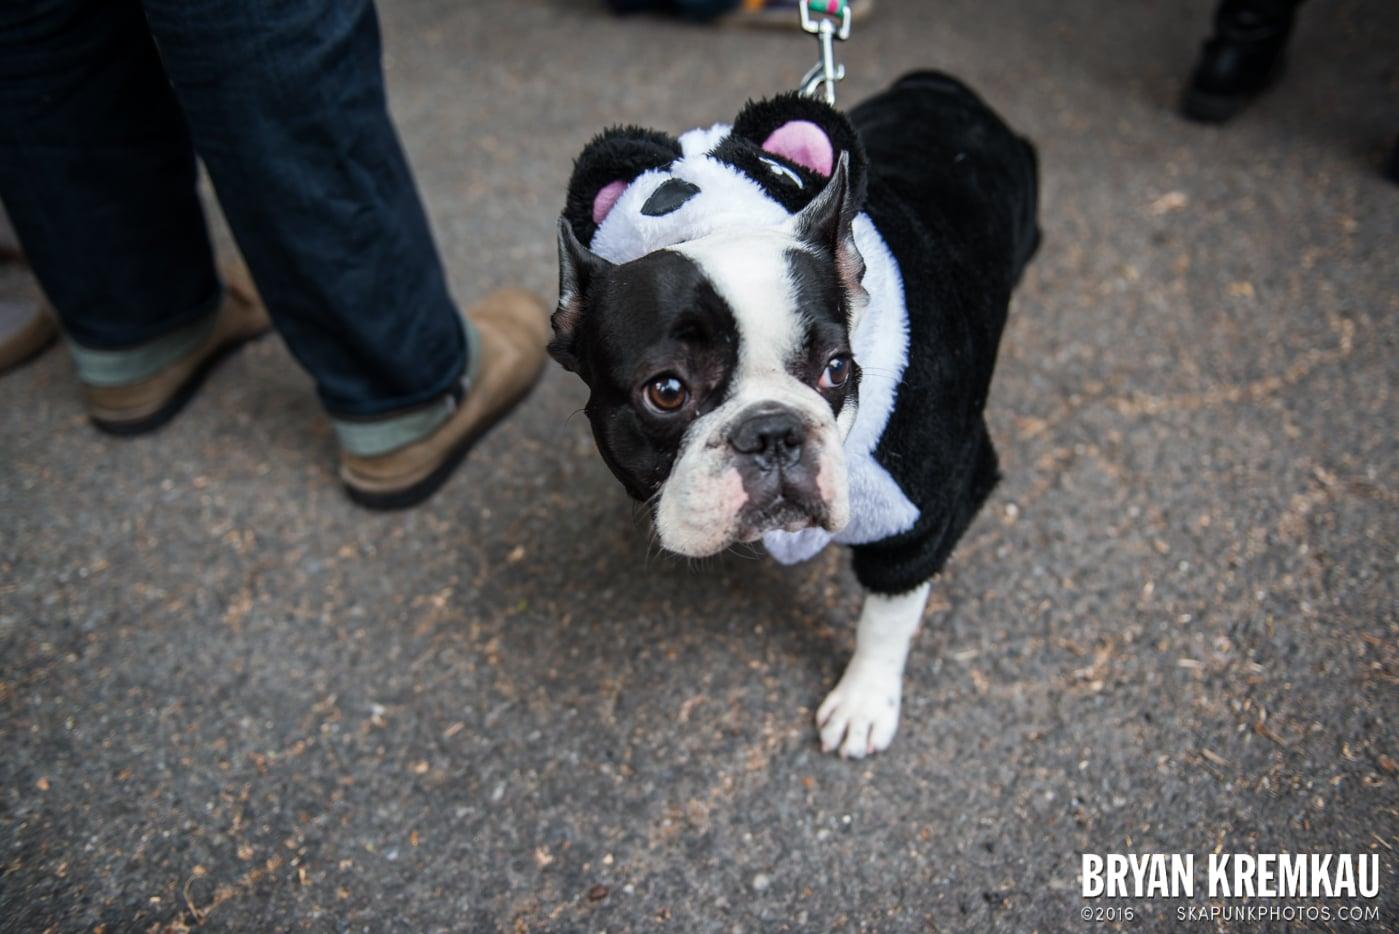 Tompkins Square Halloween Dog Parade 2015 @ Tompkins Square Park, NYC – 10.24.15 (32)